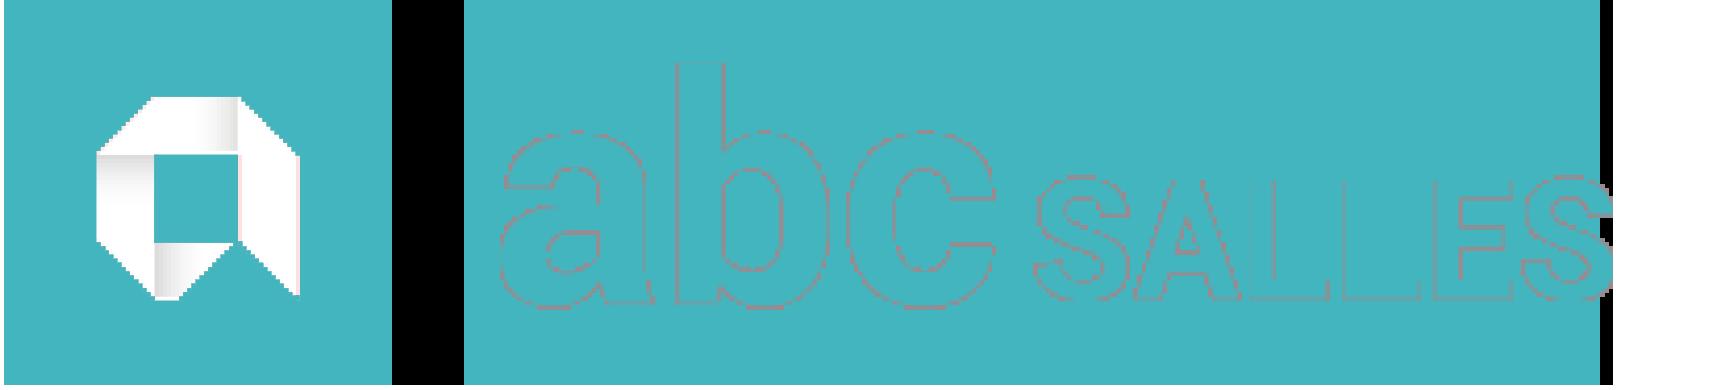 logo abcsalle bleu